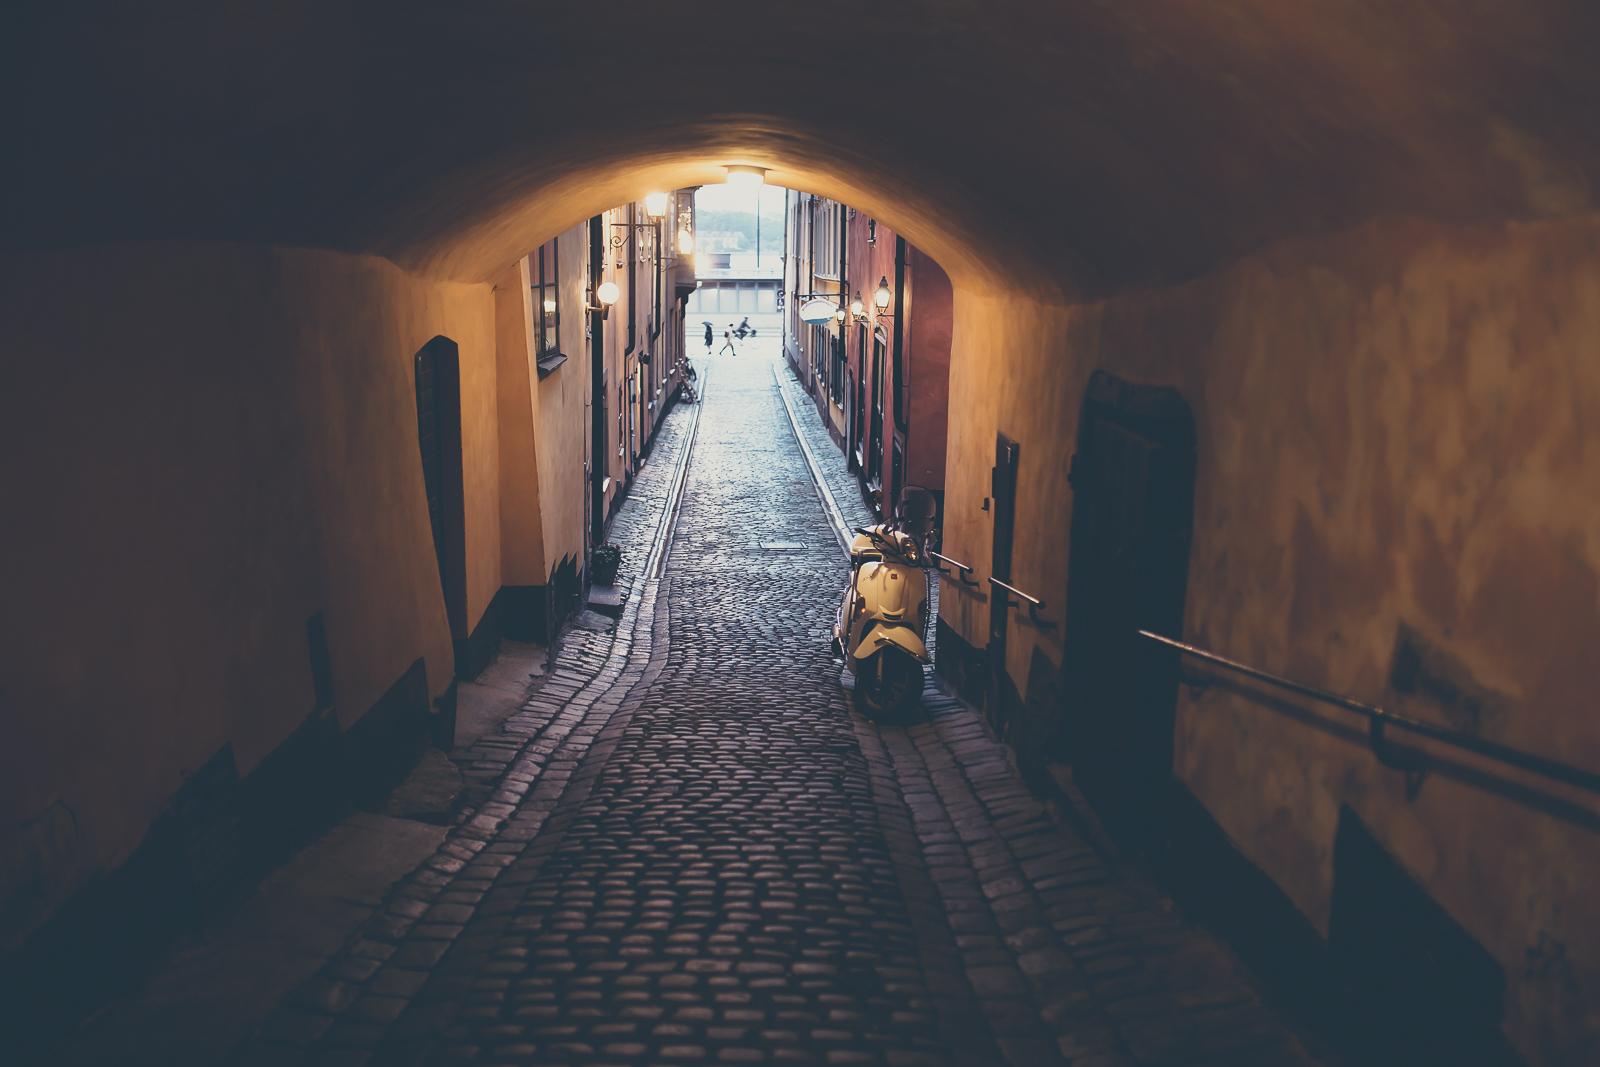 Stockholm - Old Town, Sweden